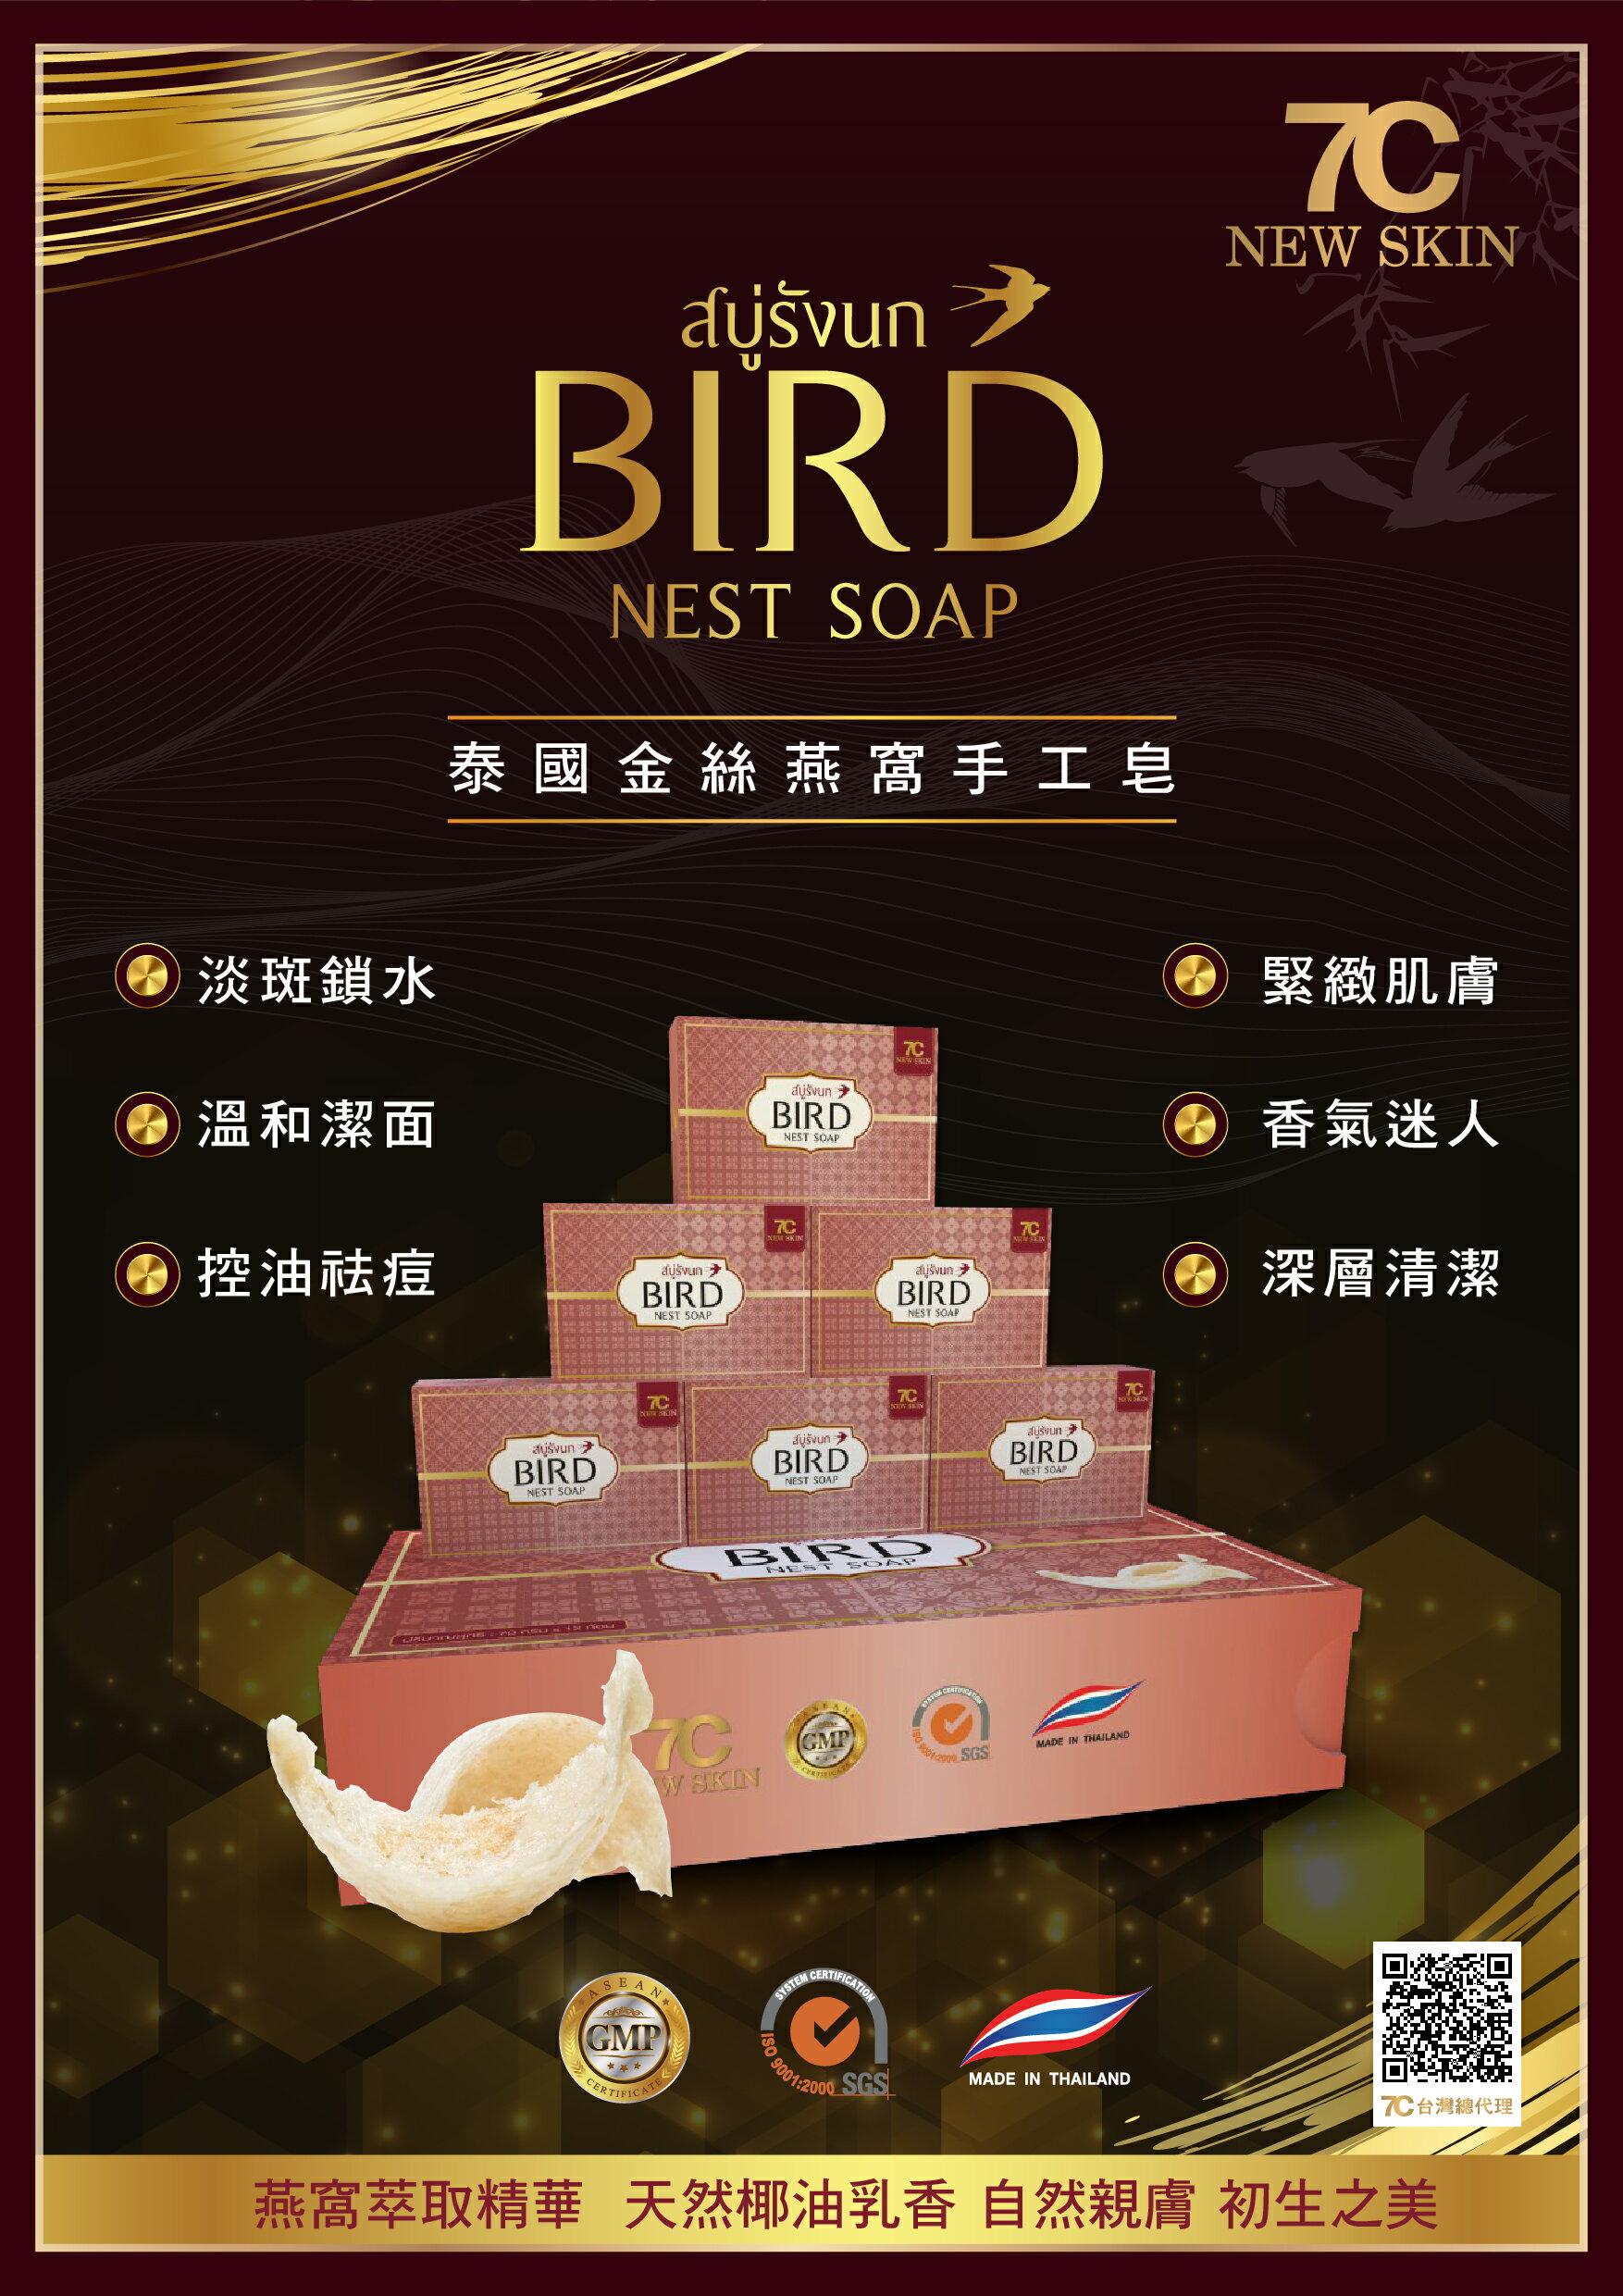 泰國天然椰油燕窩皂︱台灣獨賣新品︱GMP工廠生產 品質保證︱單買 ︱1~5個 1